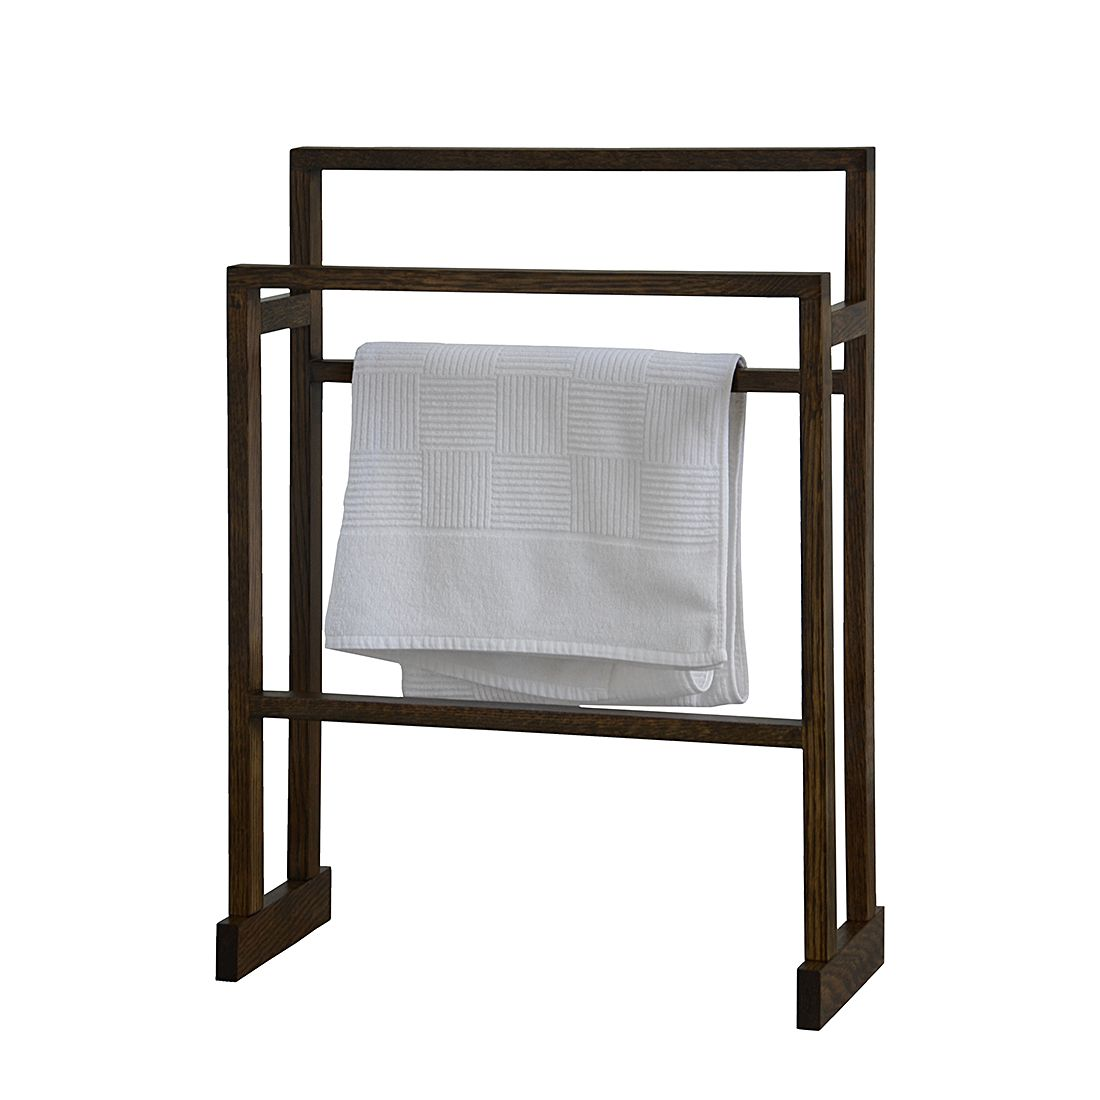 handtuchst nder preisvergleich die besten angebote. Black Bedroom Furniture Sets. Home Design Ideas